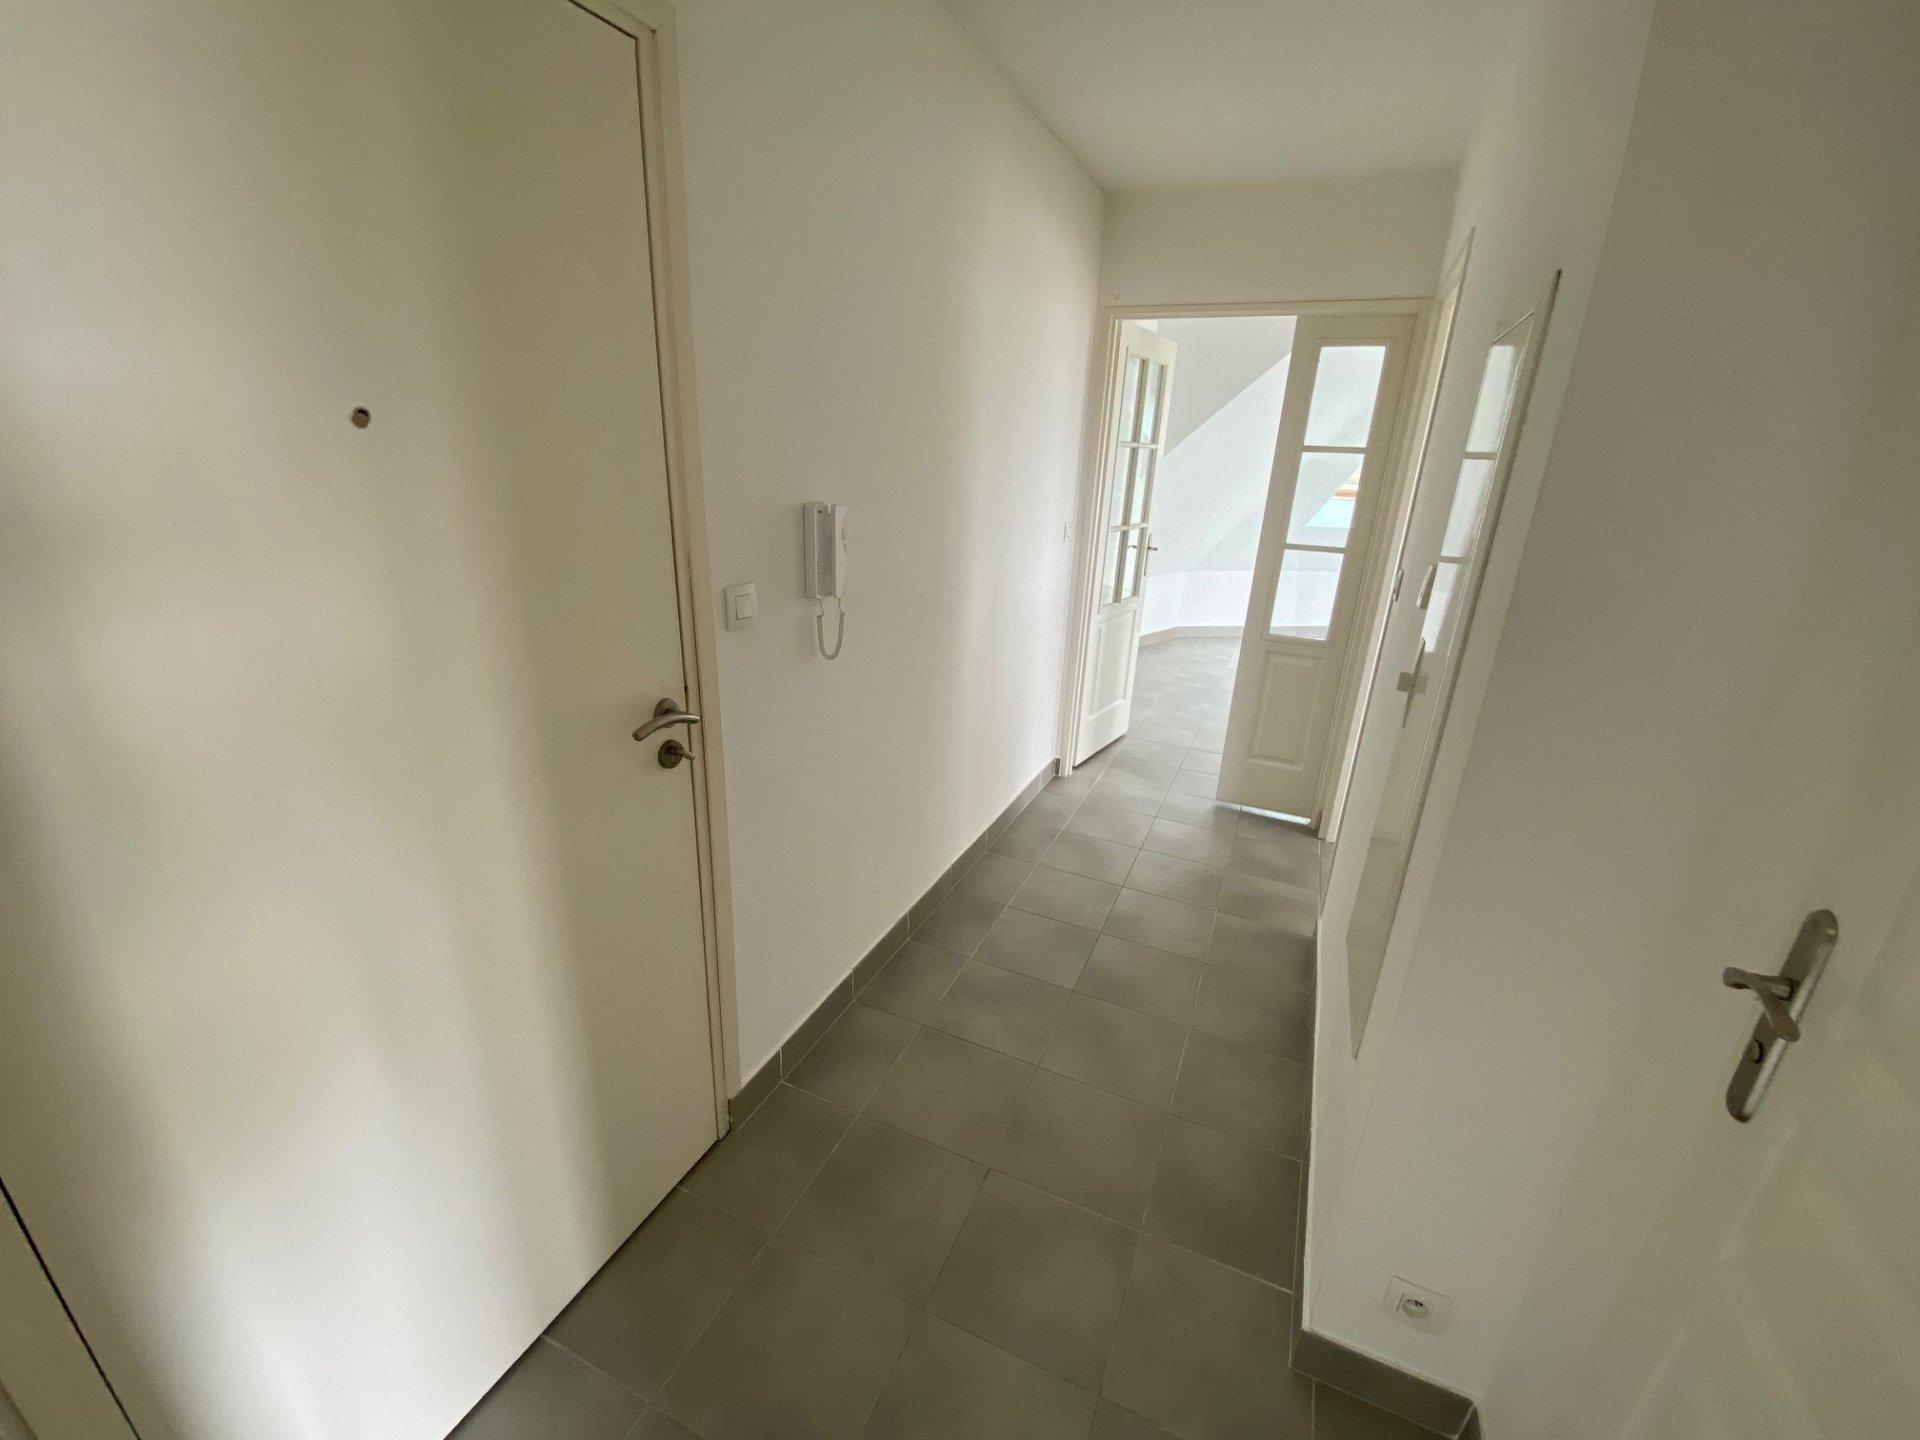 T2 de 58 m2 au sol ascenseur parking sécurisé en exclusivité